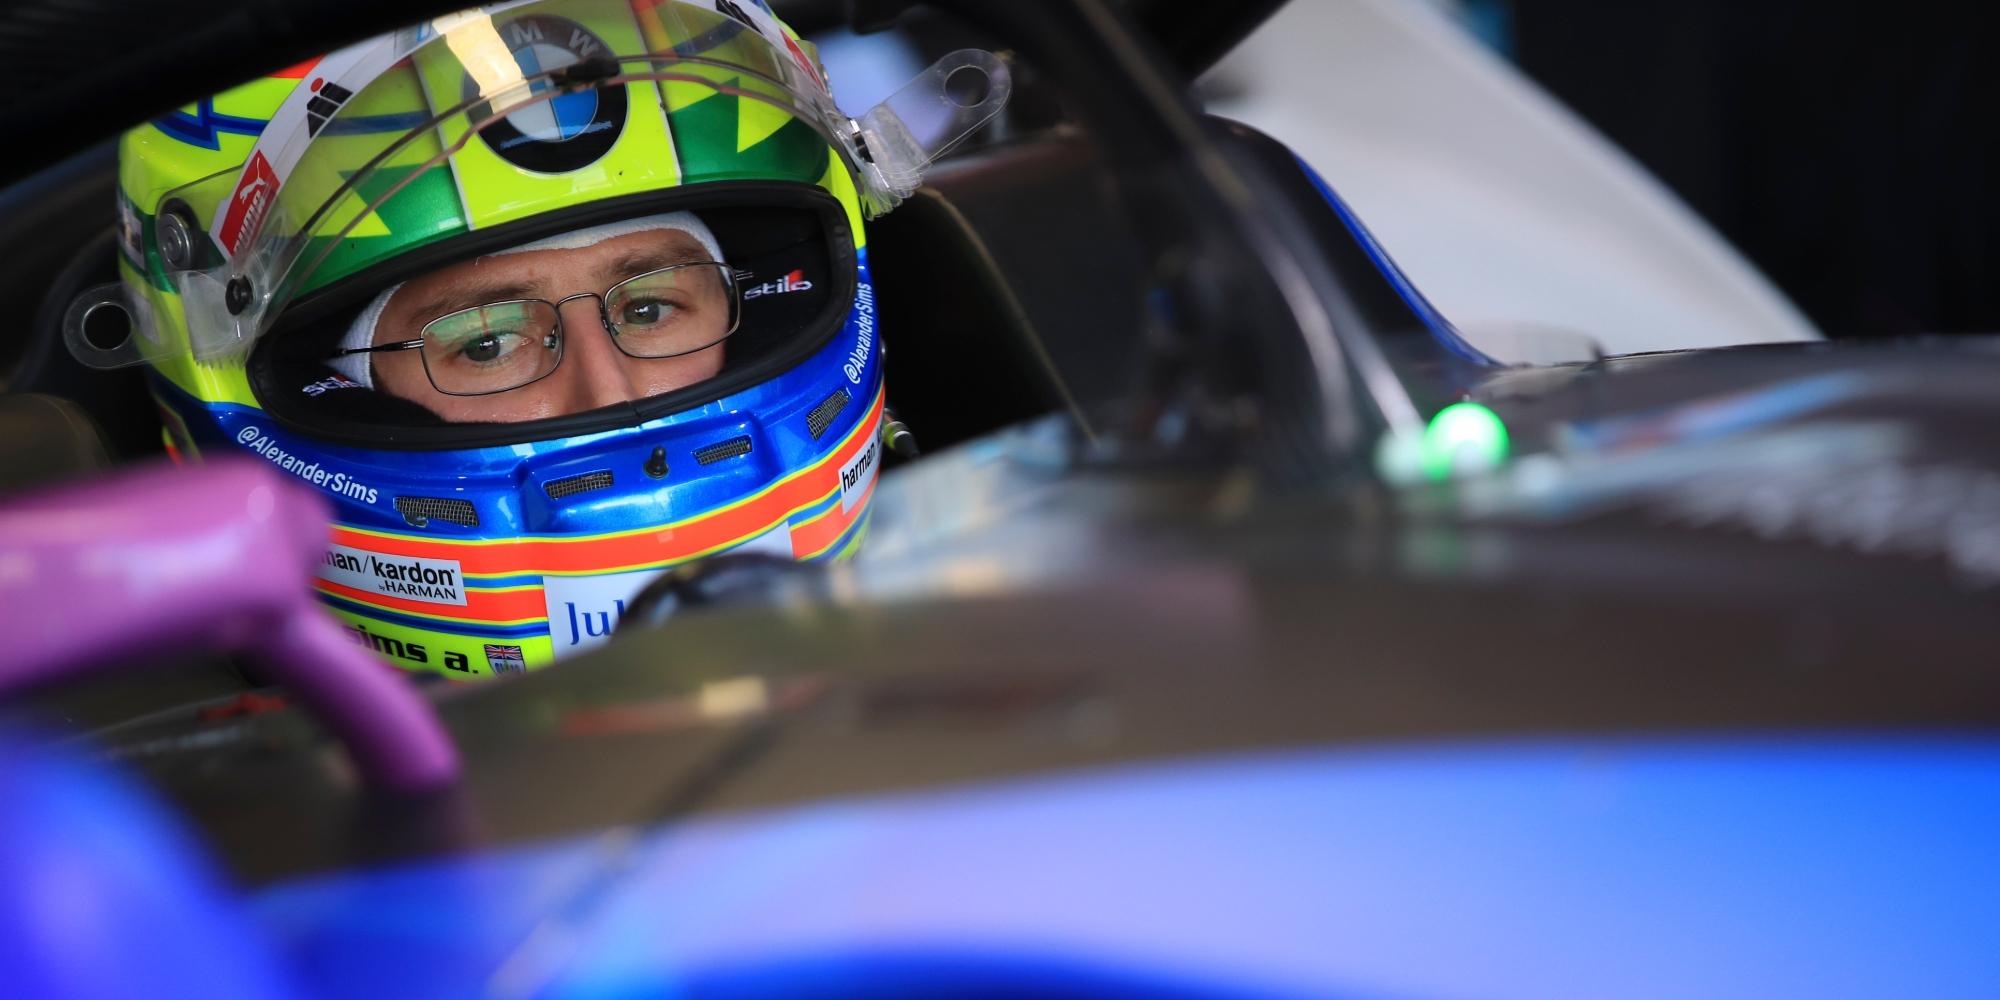 Alexander Sims, 2020 Formula E